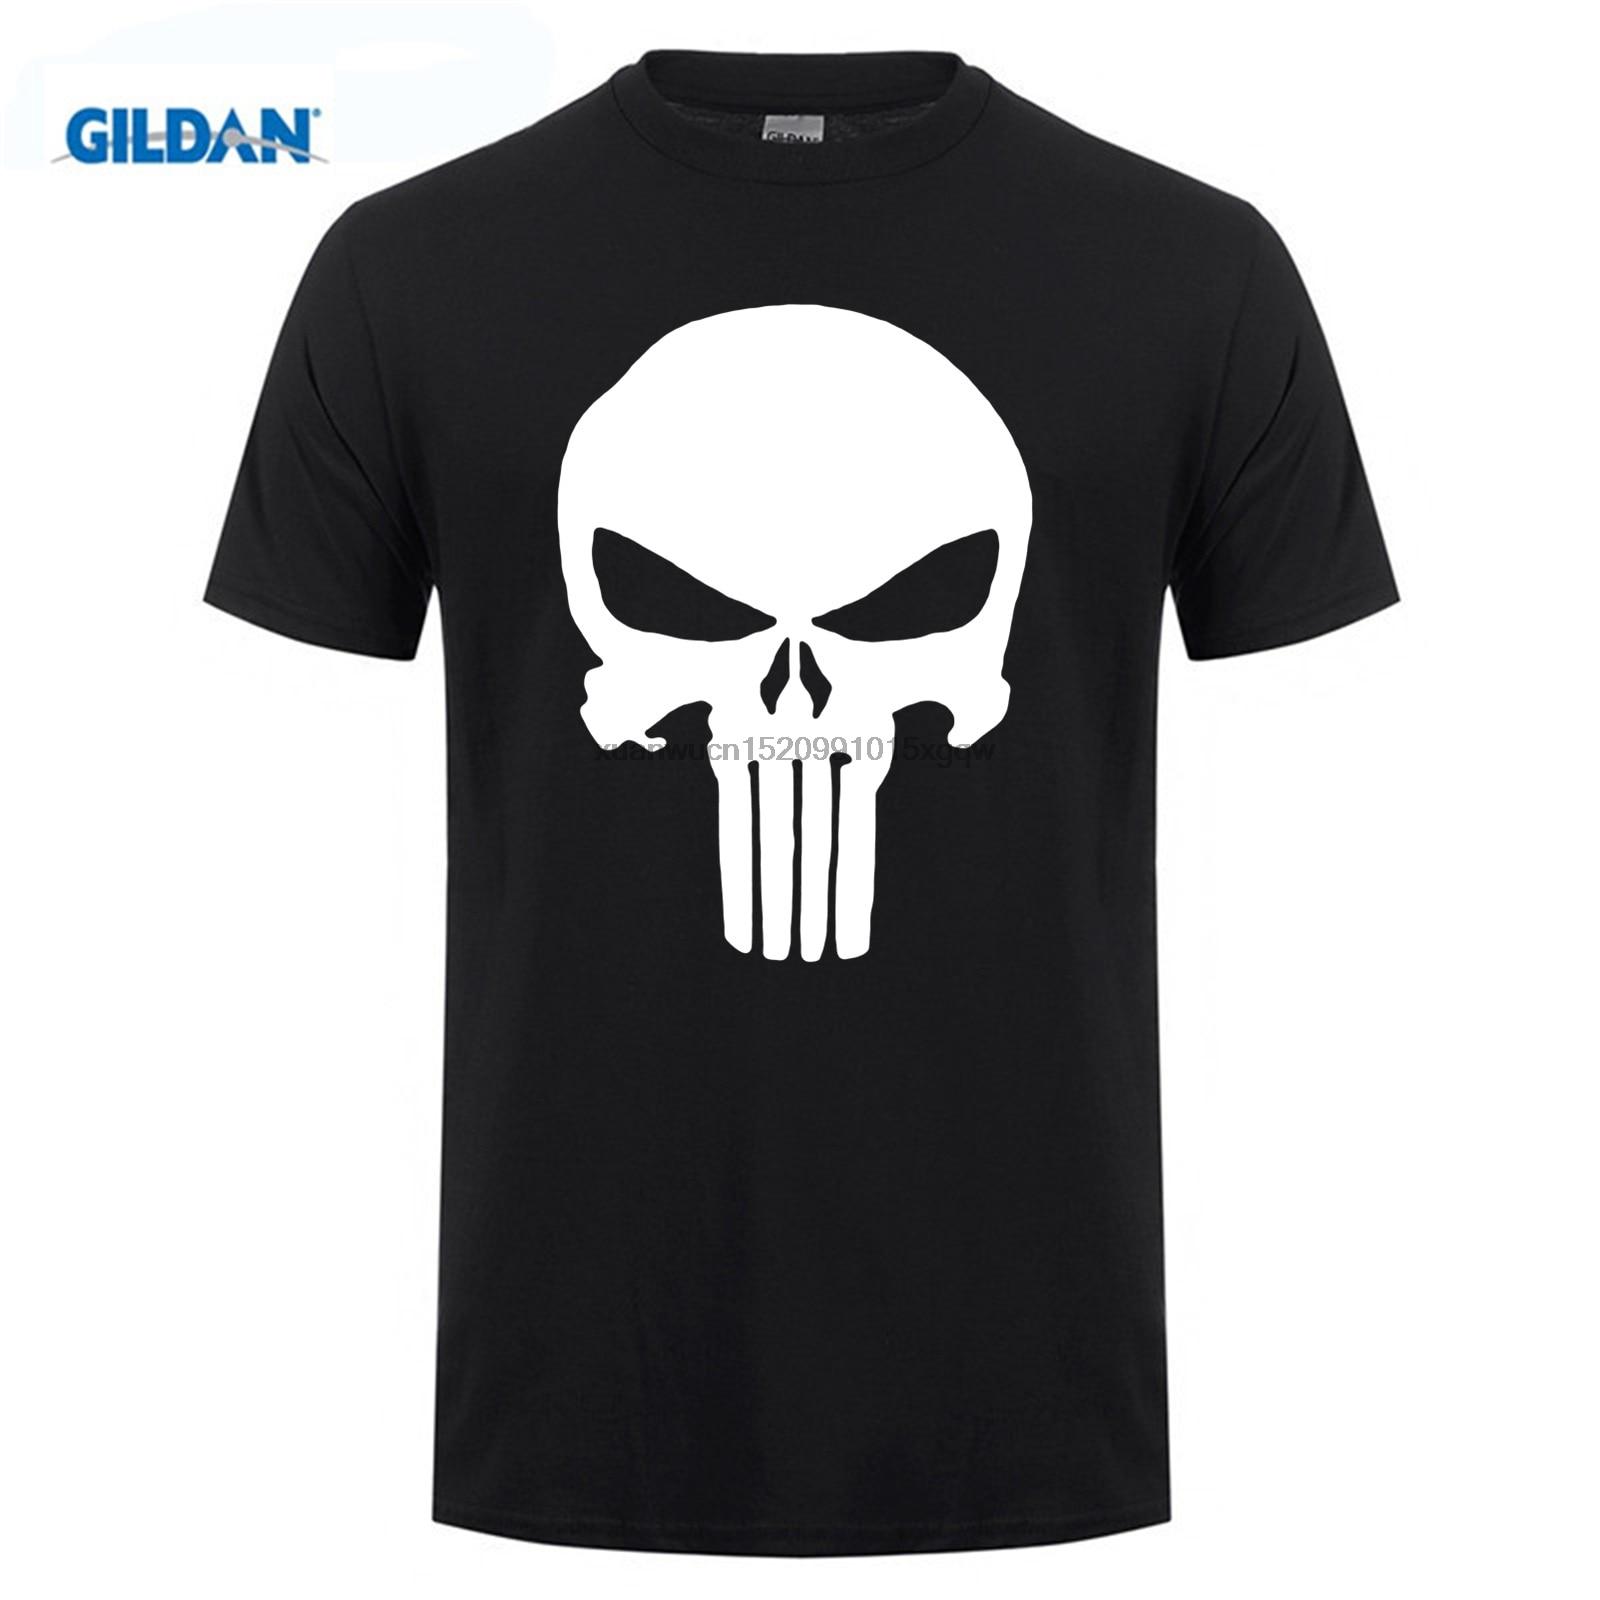 gildan est stranger things men print t shirt summer style united